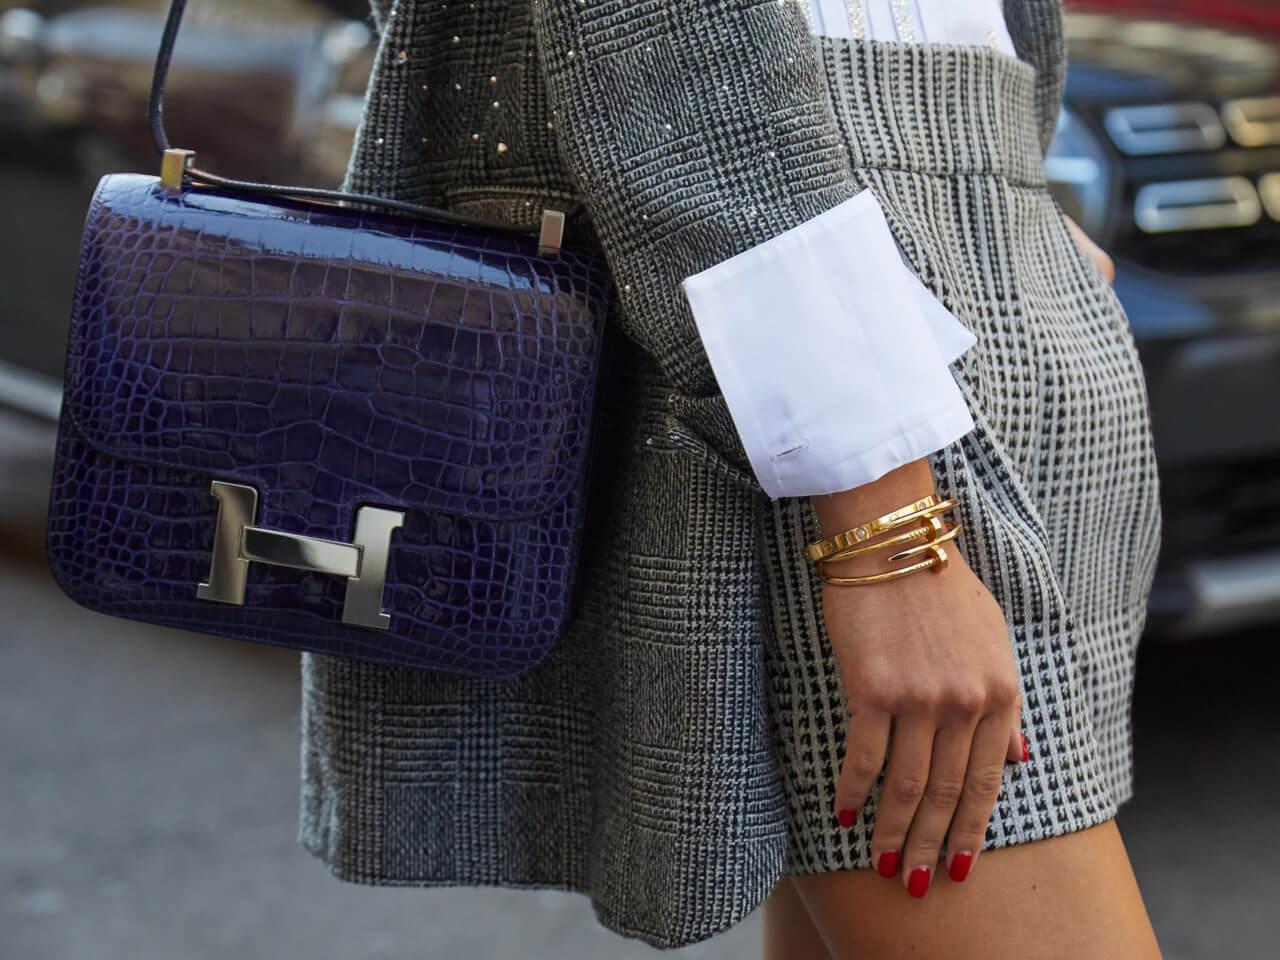 Come riconoscere una borsa Hermes autentica da un'imitazione